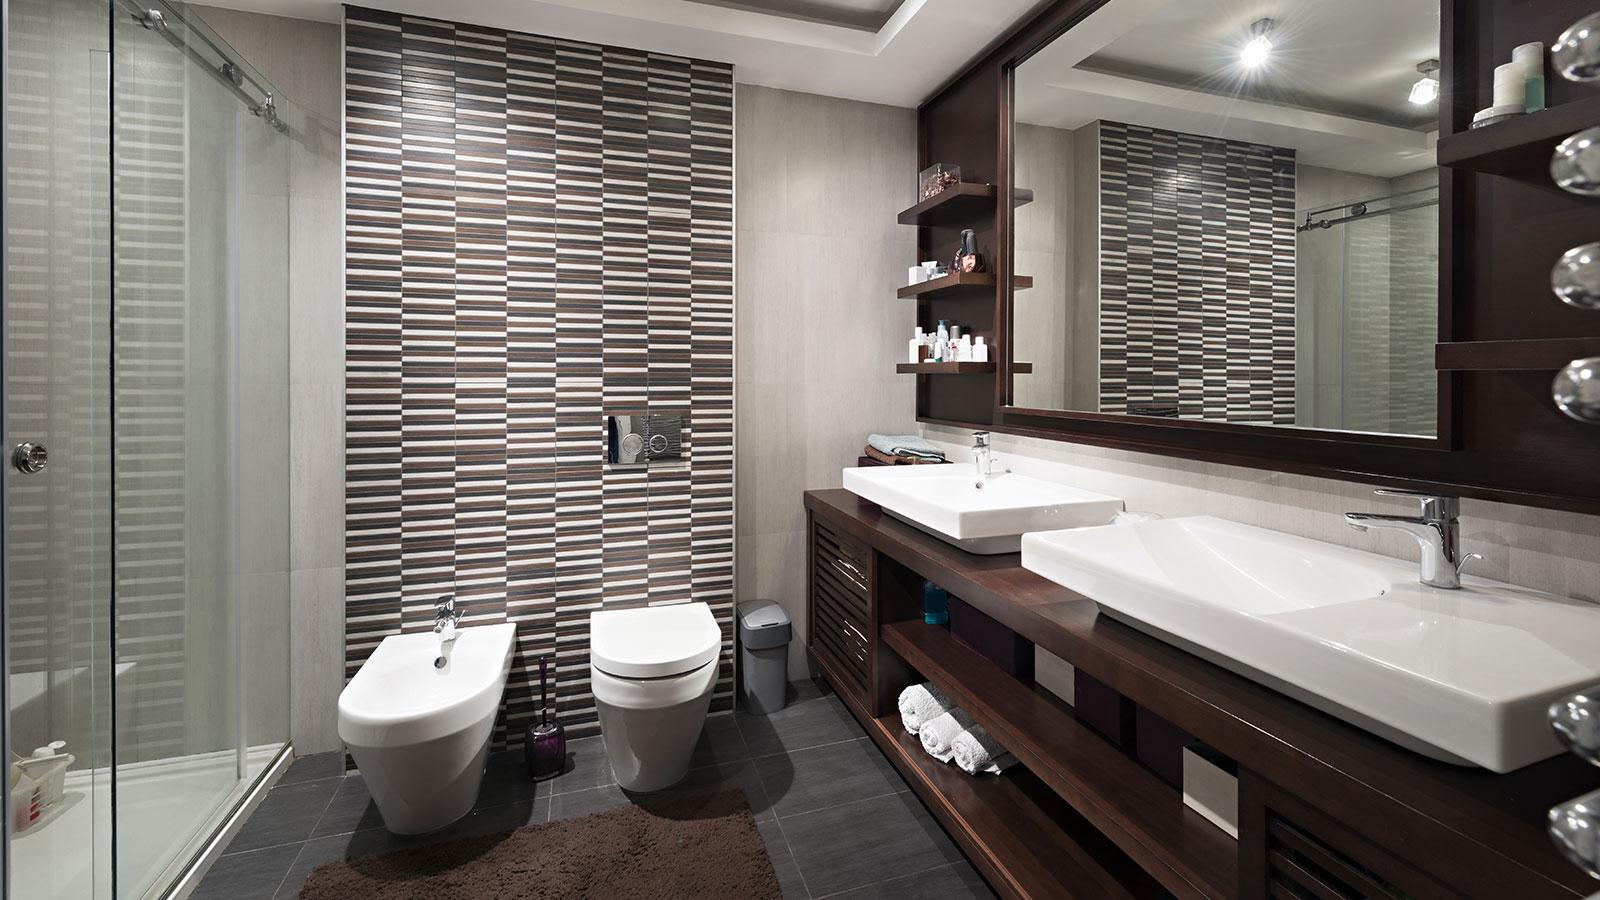 Un bagno grande con una box doccia sulla sinistra, un Wc, un bidet al centro e sulla destra un mobile di legno con un specchio grande e delle mensole con asciugamani, candele e cosmetici